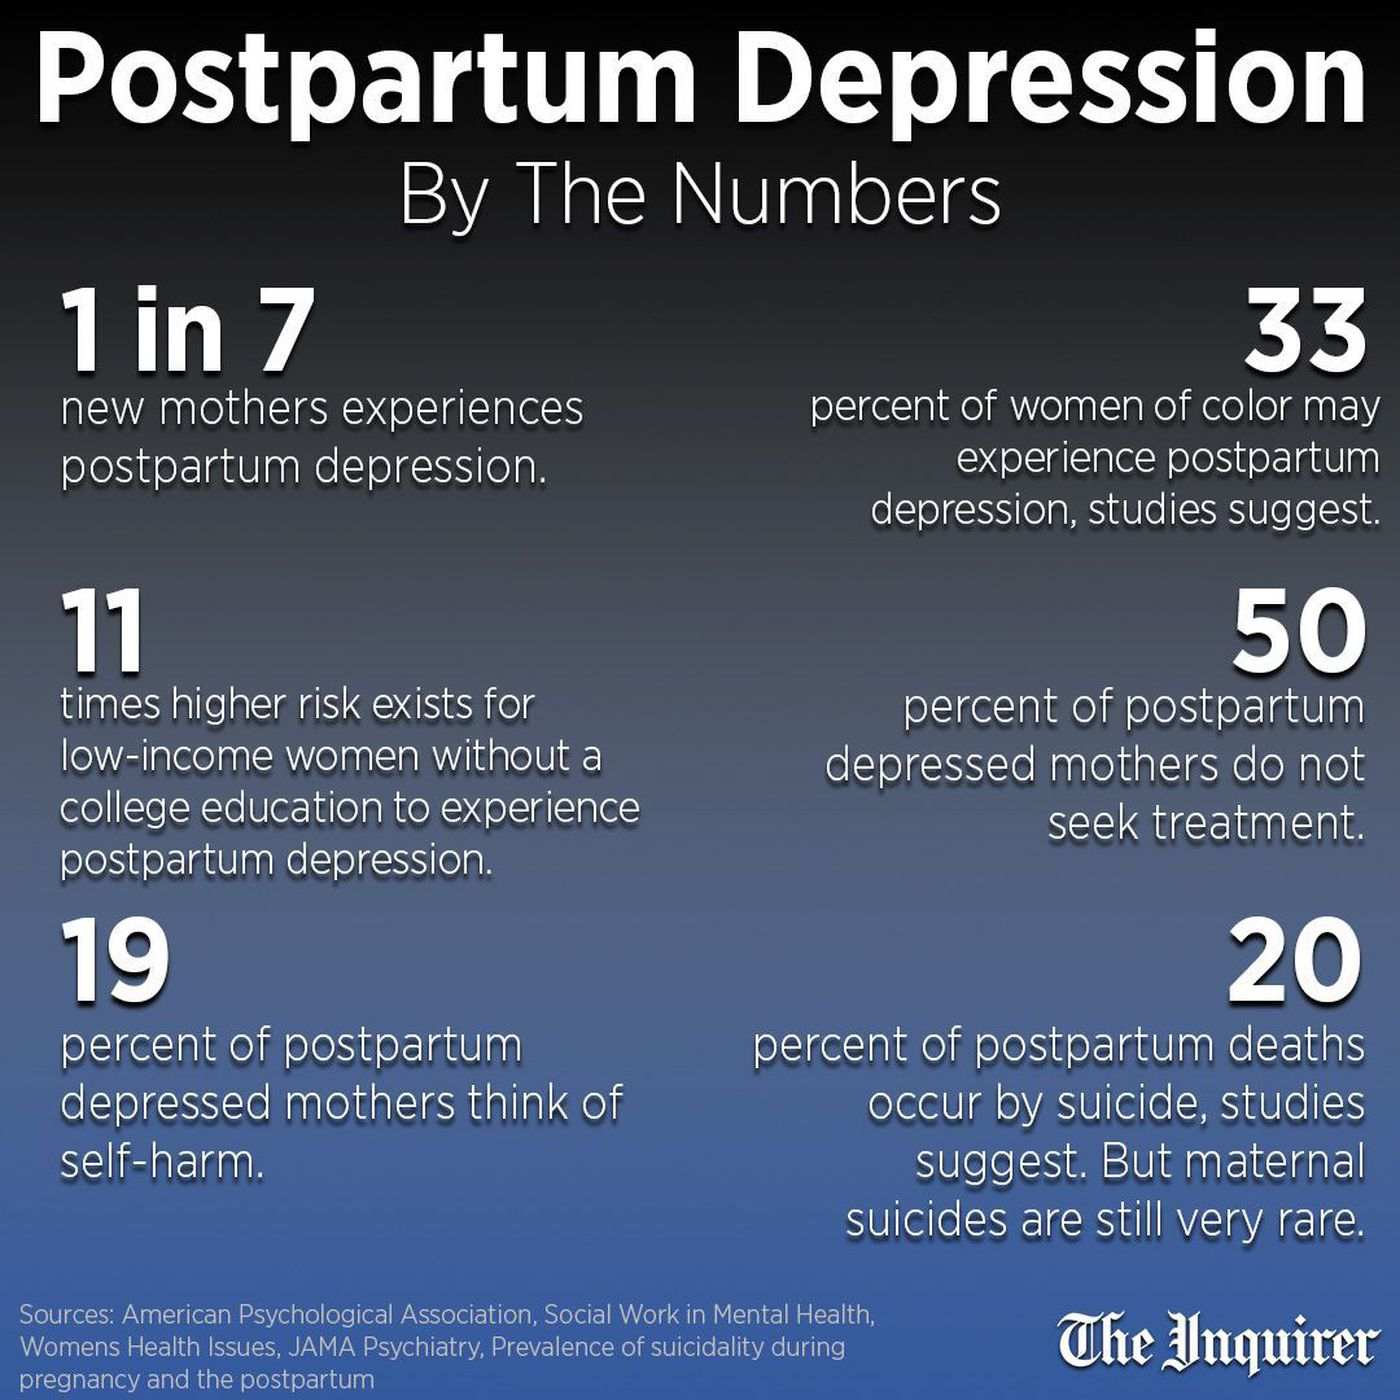 Postpartum Depression and Suicide